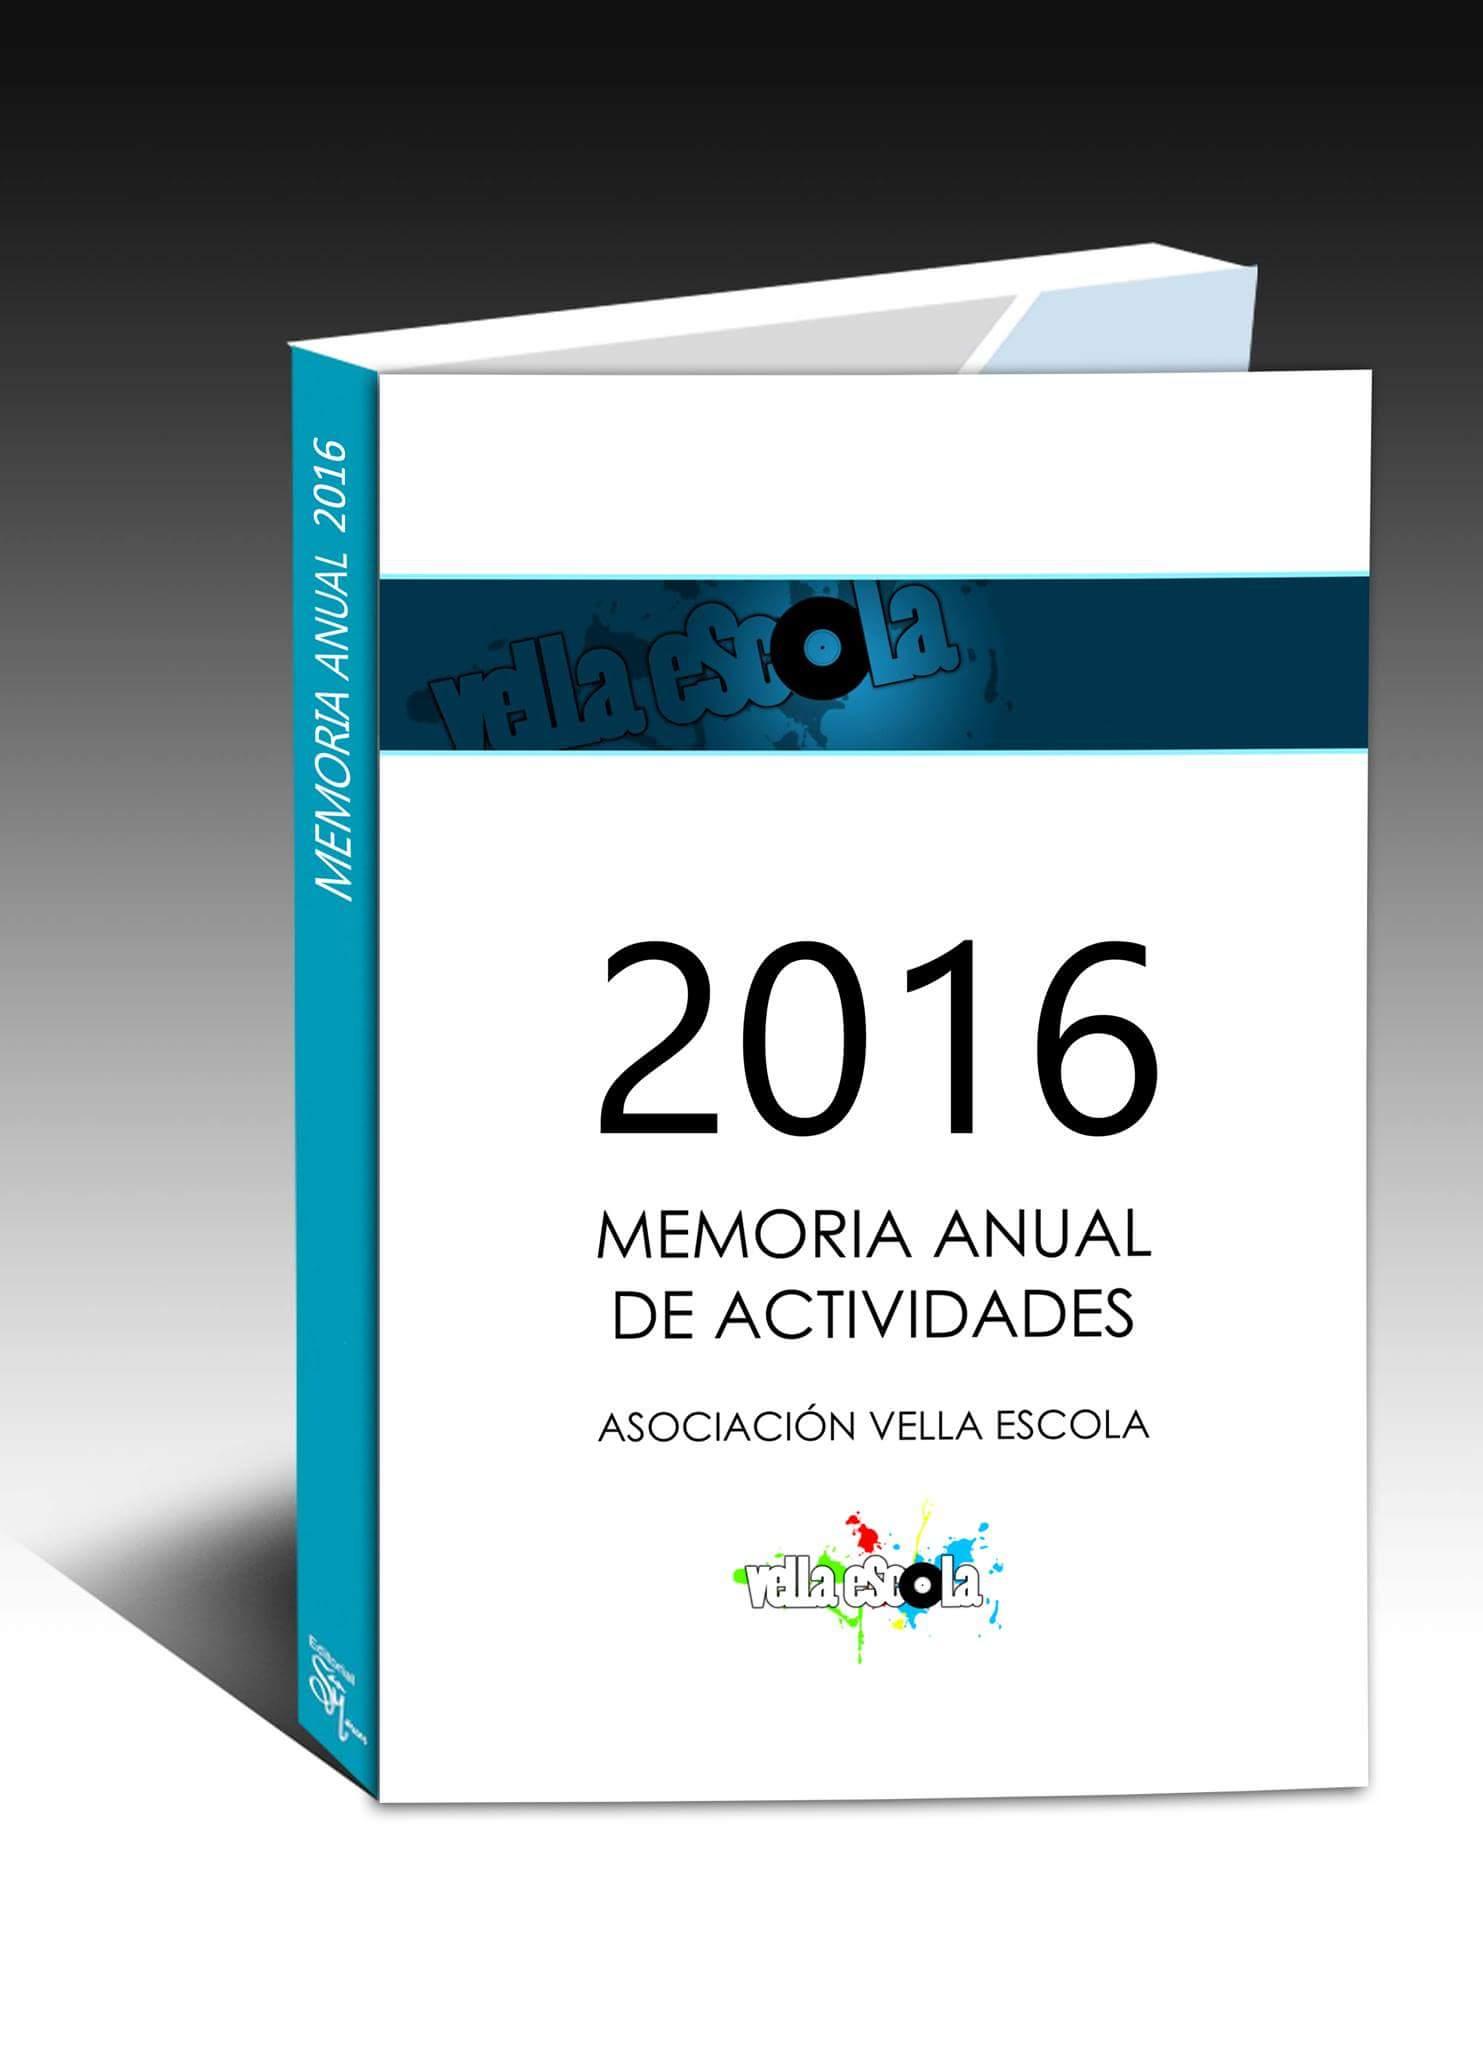 Vella escola cultura urbana galicia memoria anual de for Memoria anual